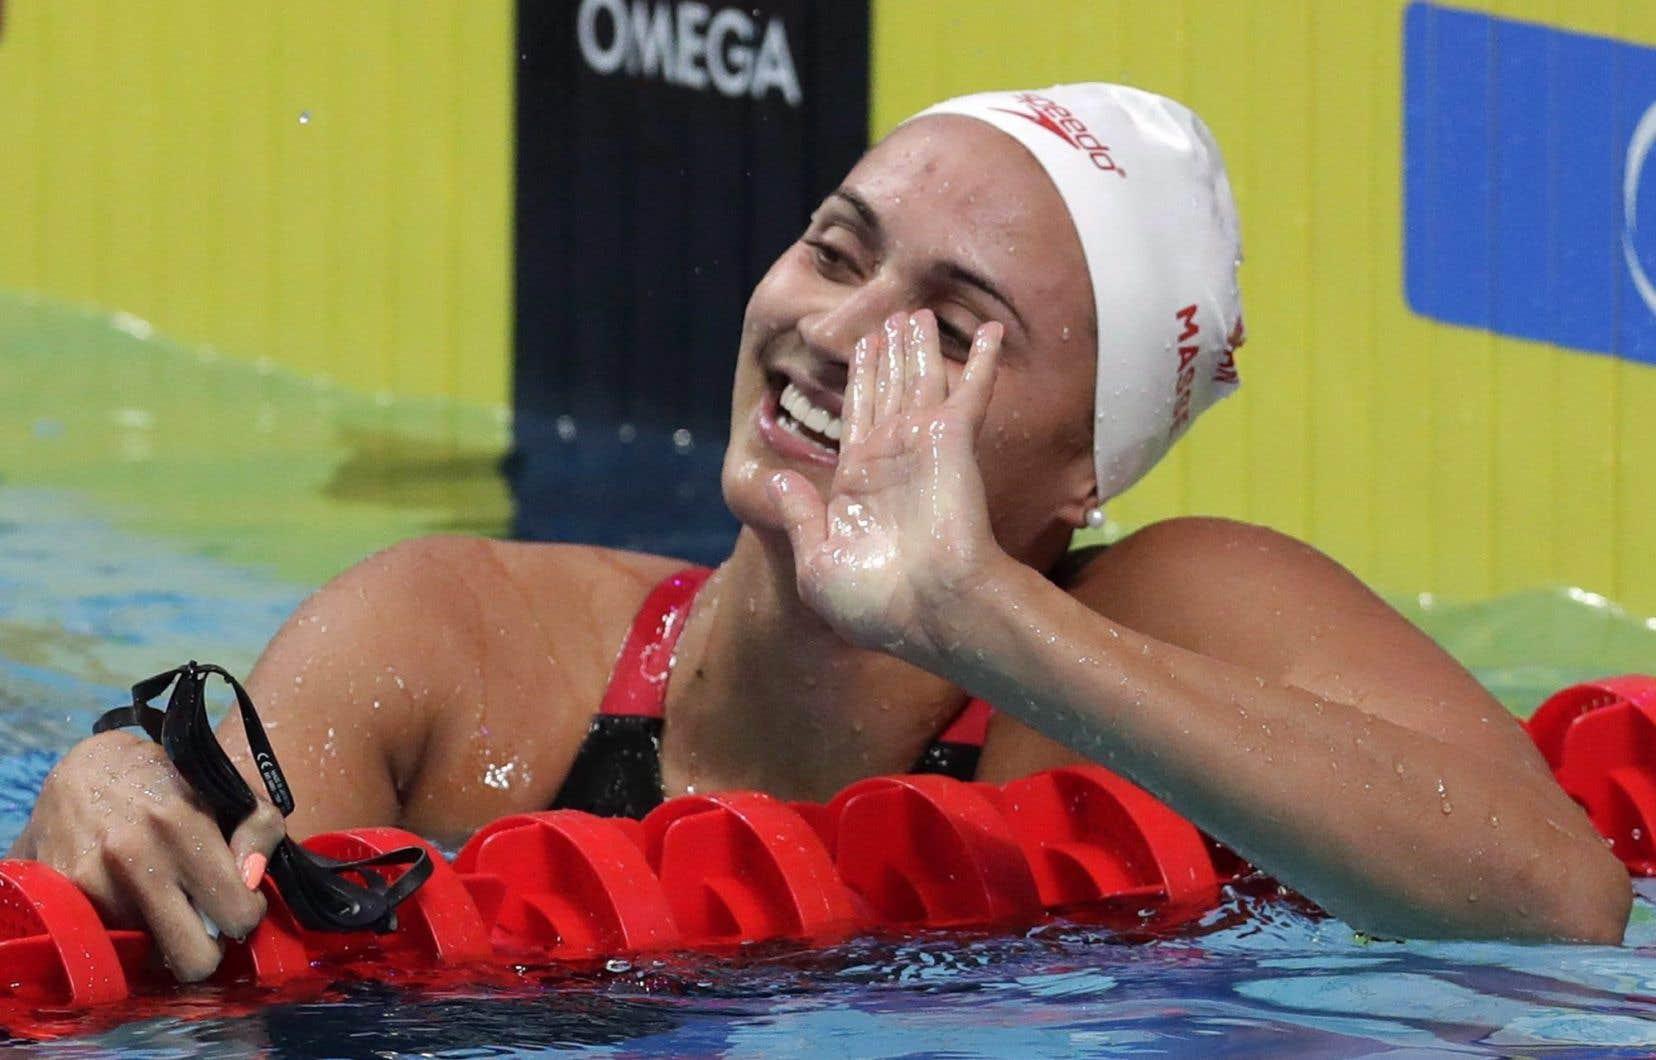 La Canadienne Kylie Masse a battu le record du monde du 100 m dos en 58,10 sec pour remporter la finale des Mondiaux-2017.